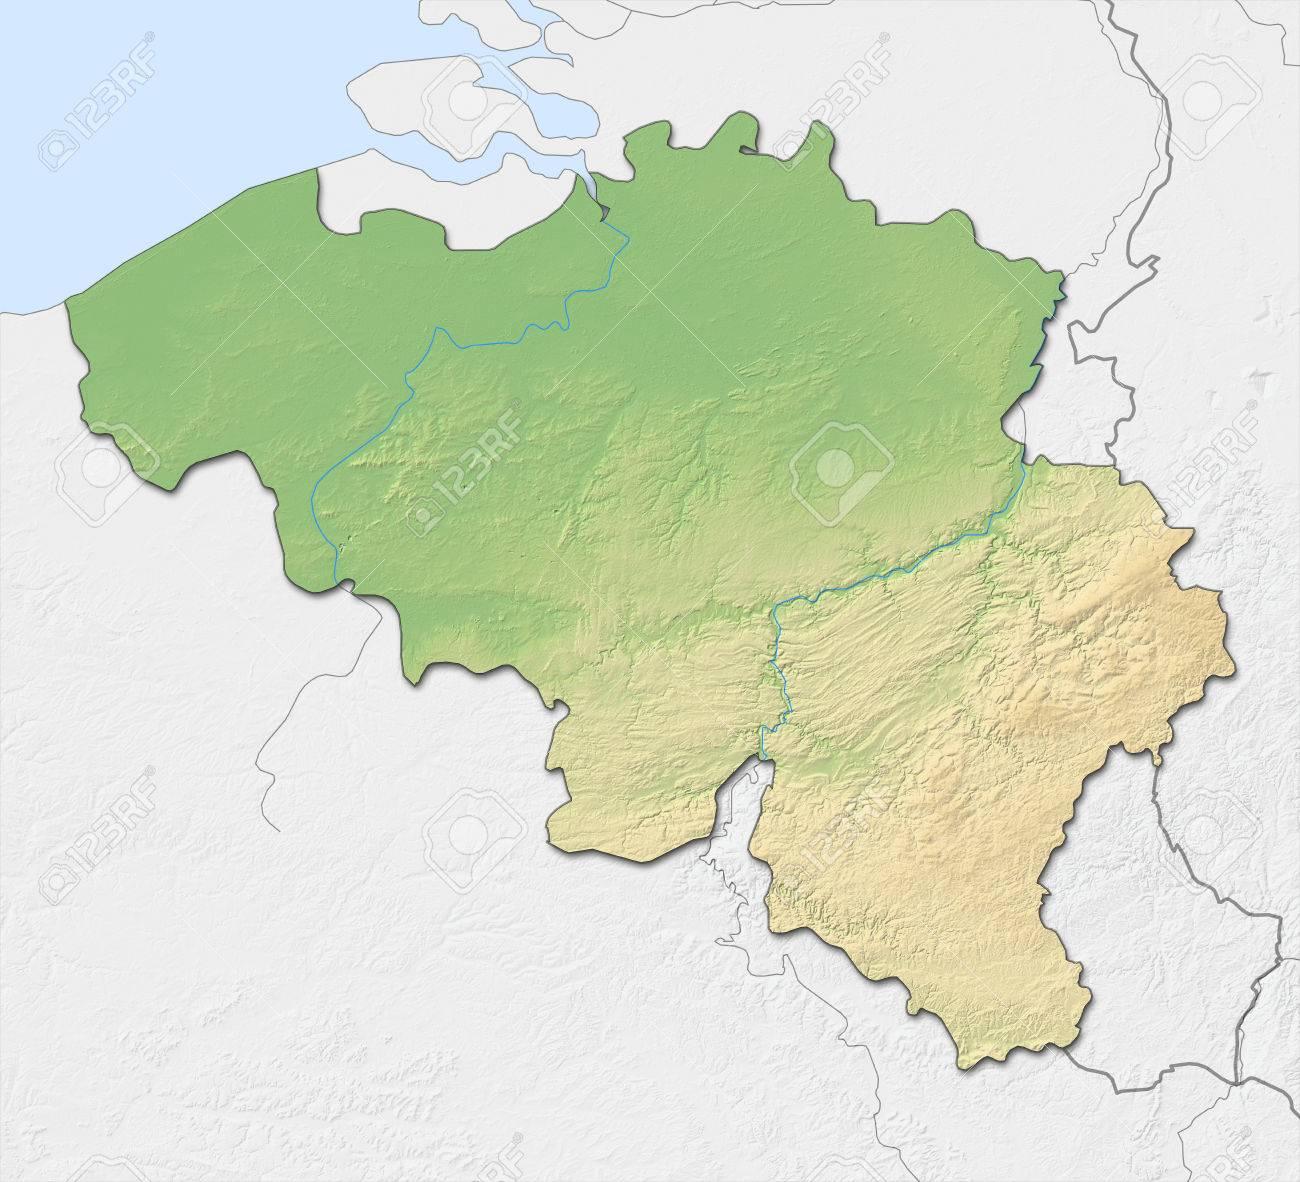 Carte Belgique Noir Et Blanc.Carte Du Relief De La Belgique Avec Relief Ombre Les Pays Voisins Sont En Noir Et Blanc